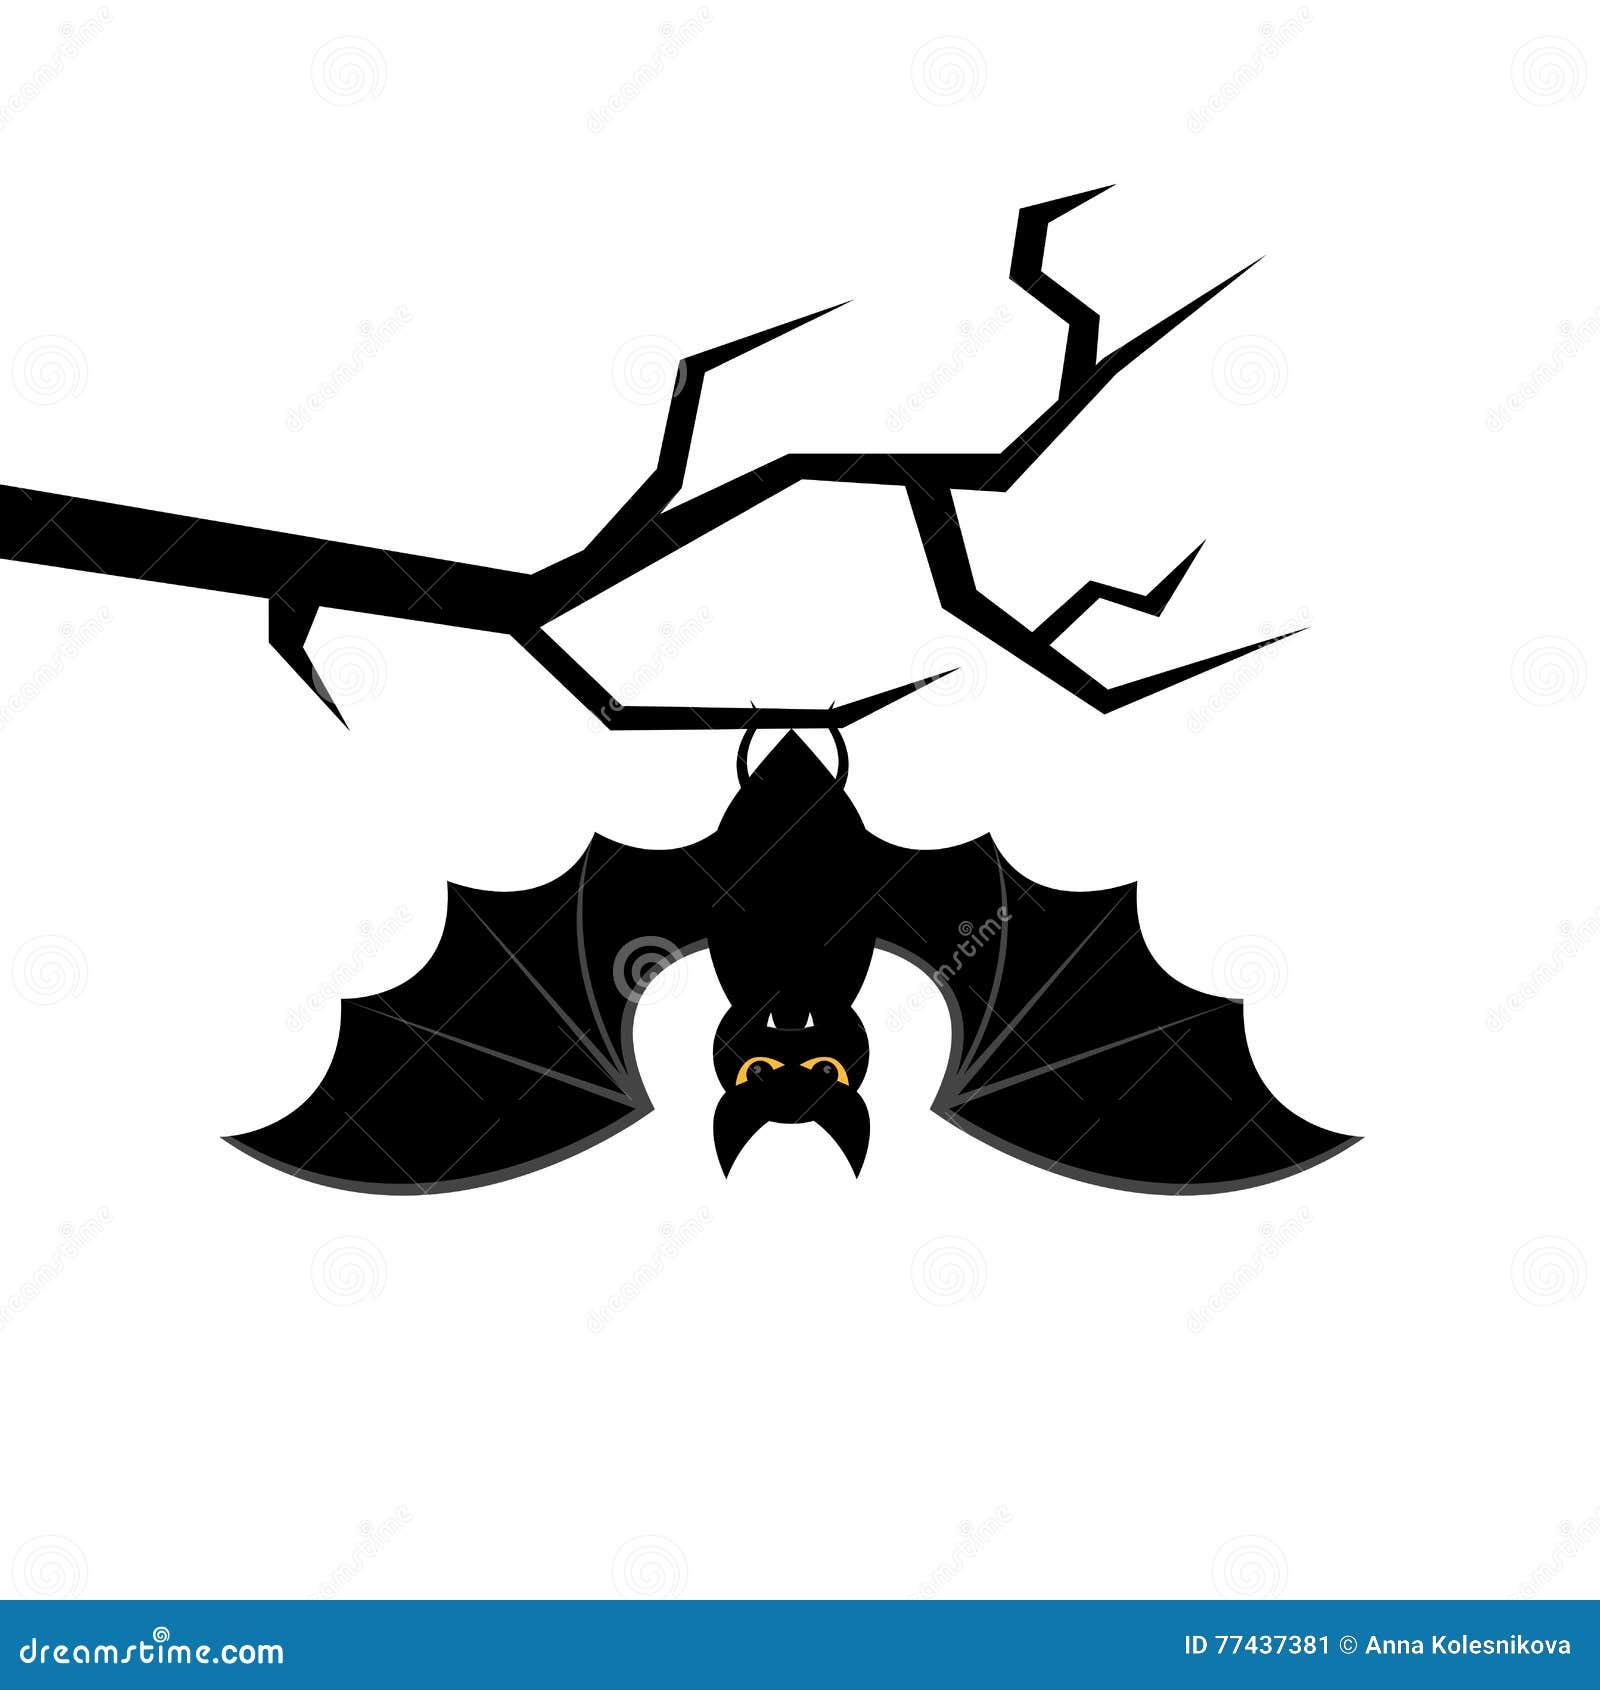 Cartoon Bats: Cartoon Bat Hanging On Tree Branch. Happy Halloween Card